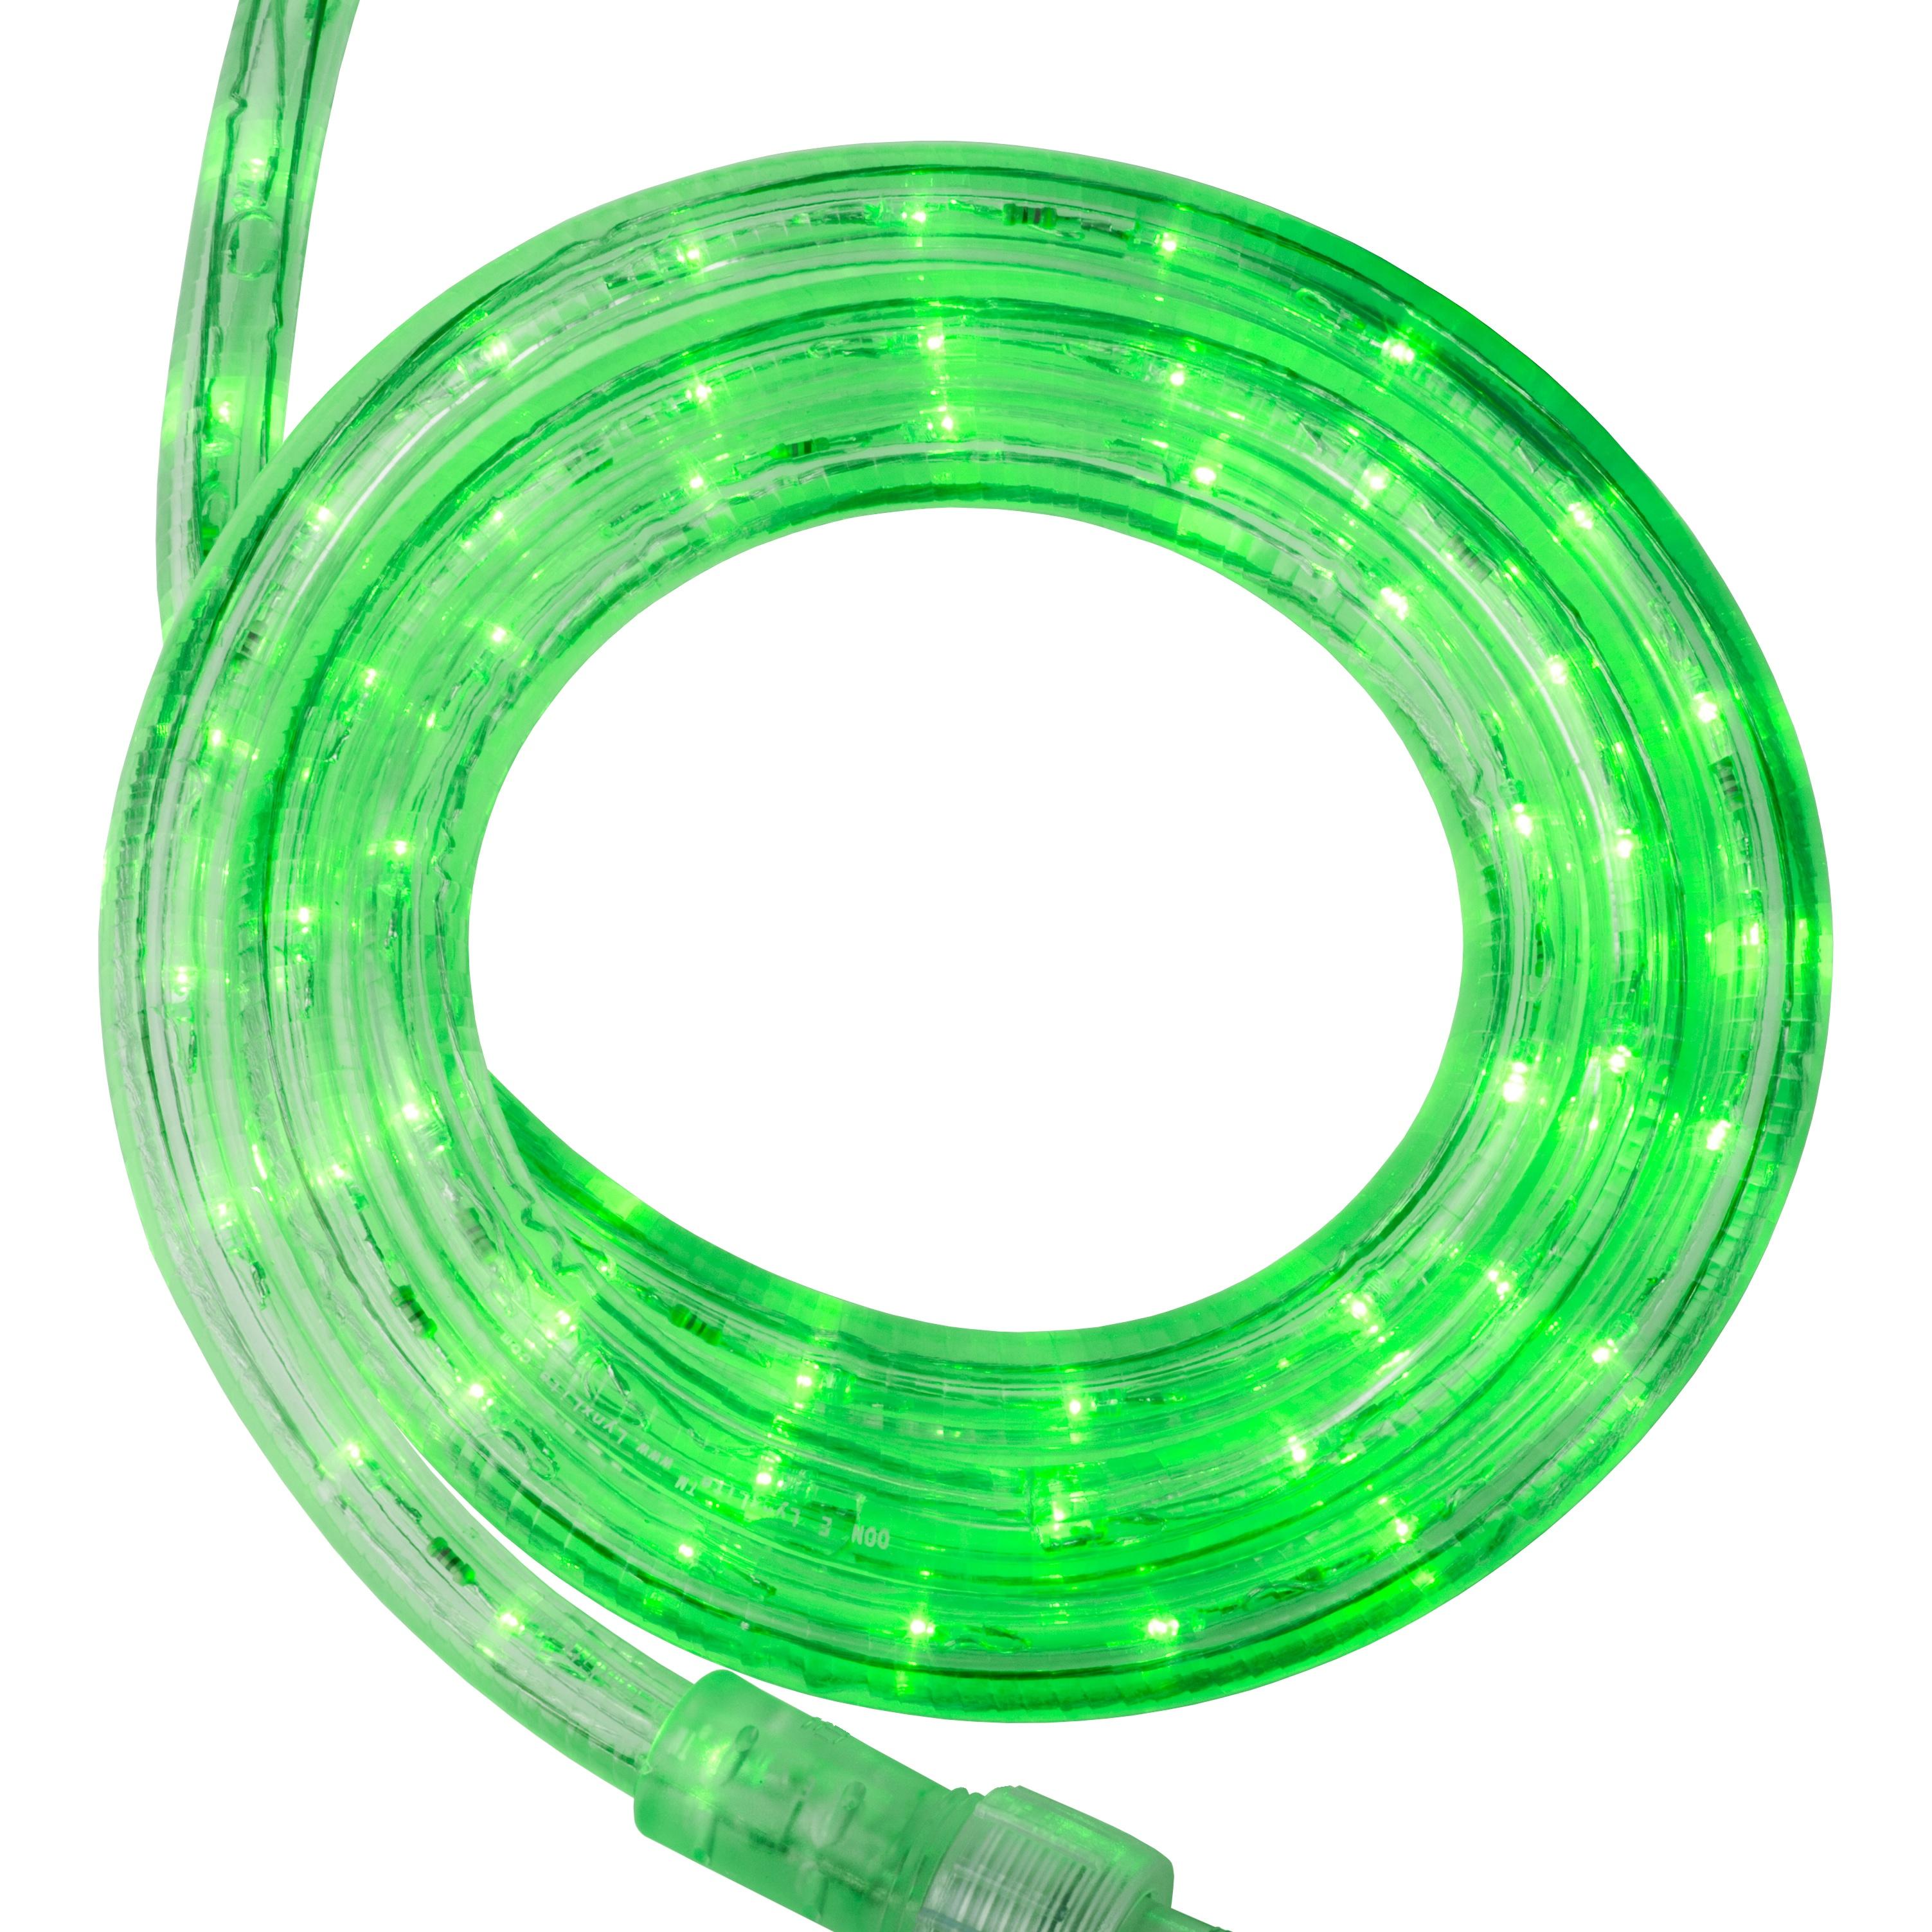 LED Rope Lighting 18 39 True Green LED Rope Light 120 Volt